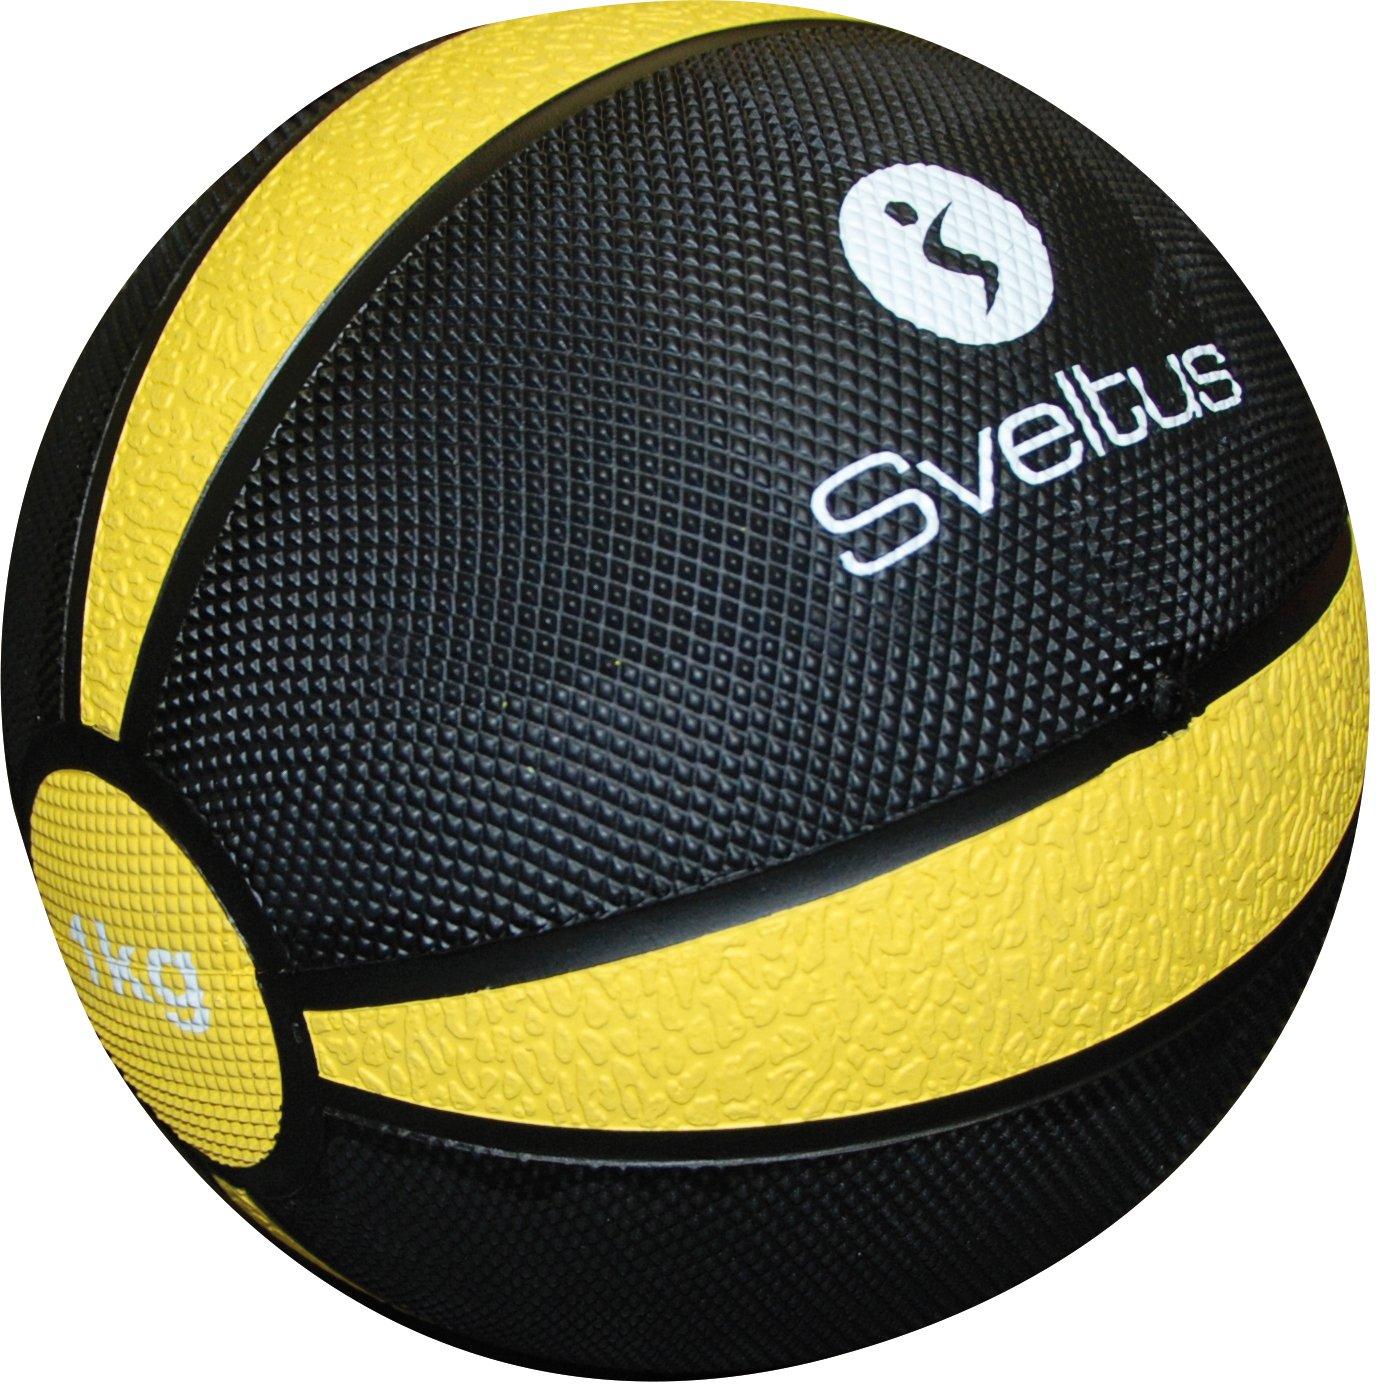 Sveltus balón Medicinal 1 kg: Amazon.es: Deportes y aire libre